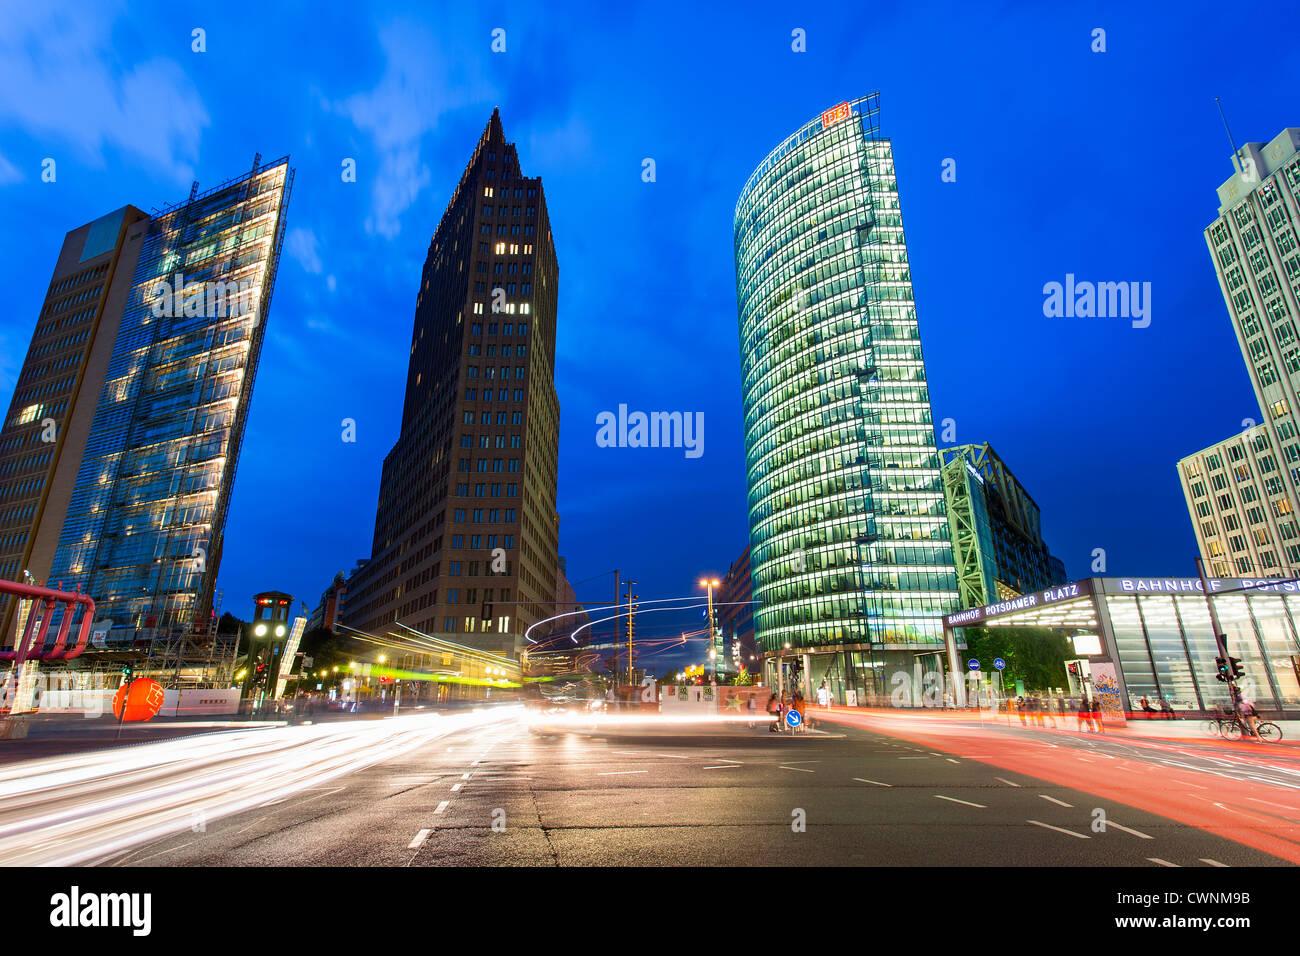 En Europa, Alemania, Berlín, rascacielos en la Potsdamer Platz Imagen De Stock